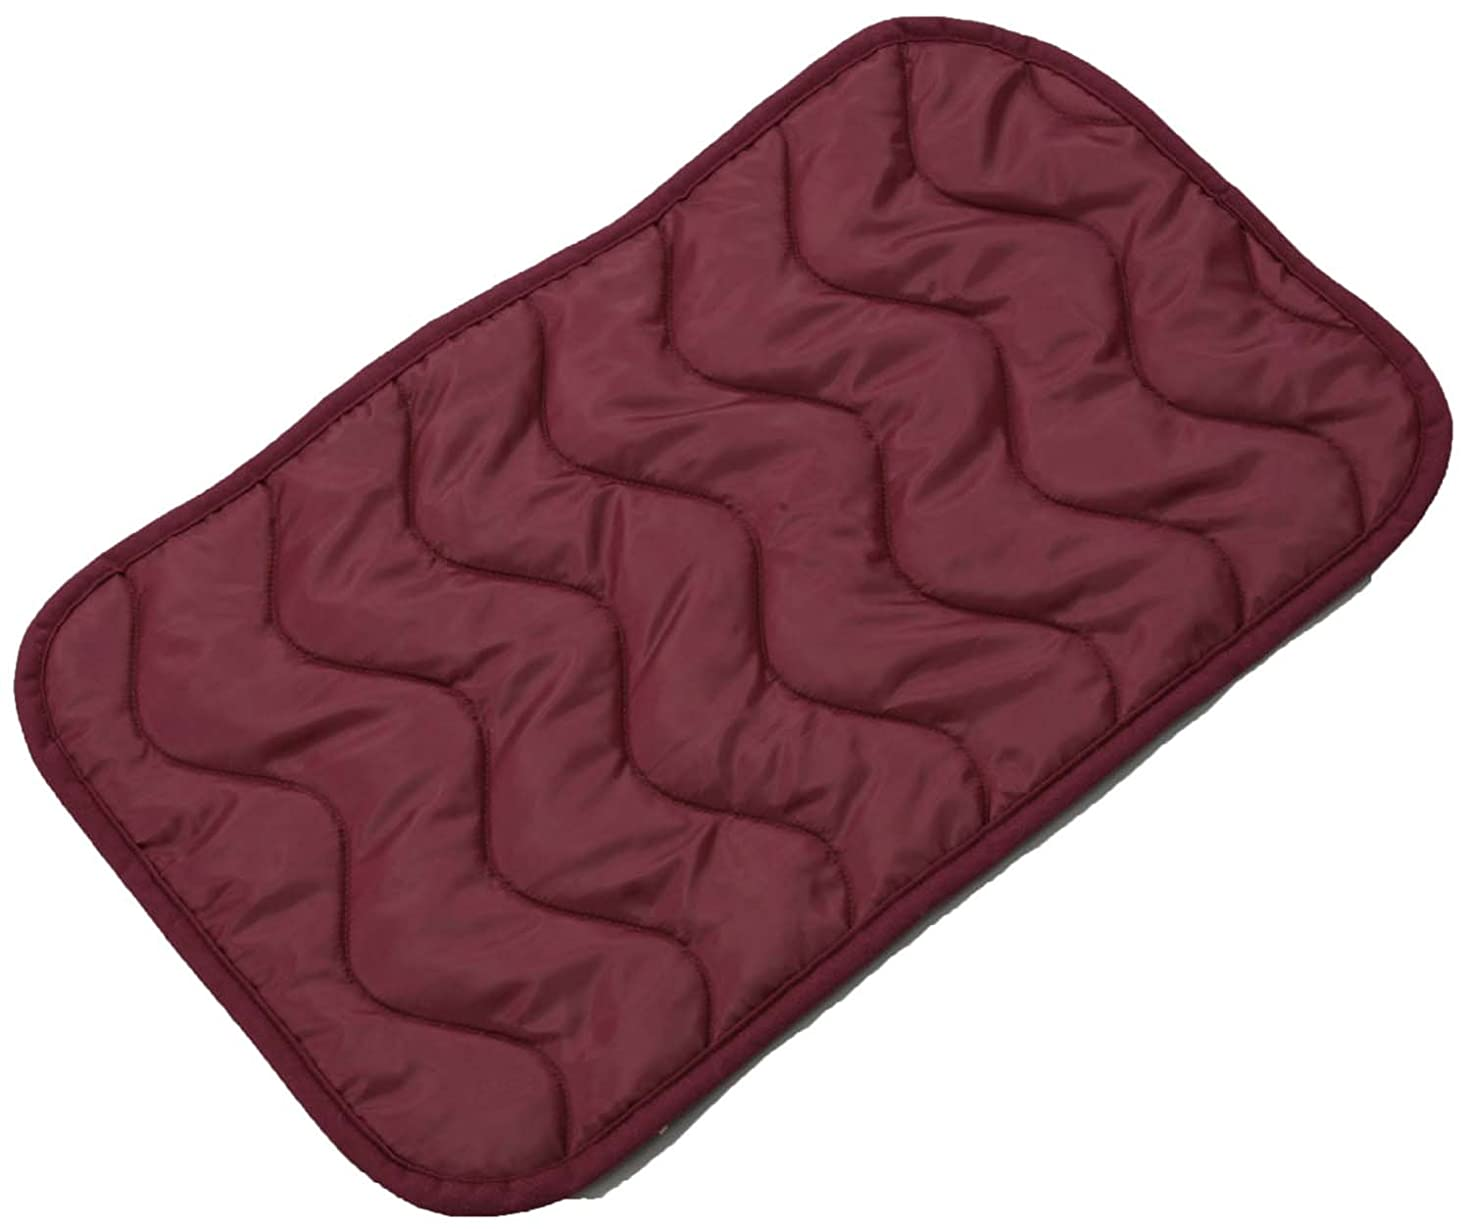 良さバルセロナ情報オーラ 蓄熱繊維 足湯気分 コンパクトな部分浴サイズ